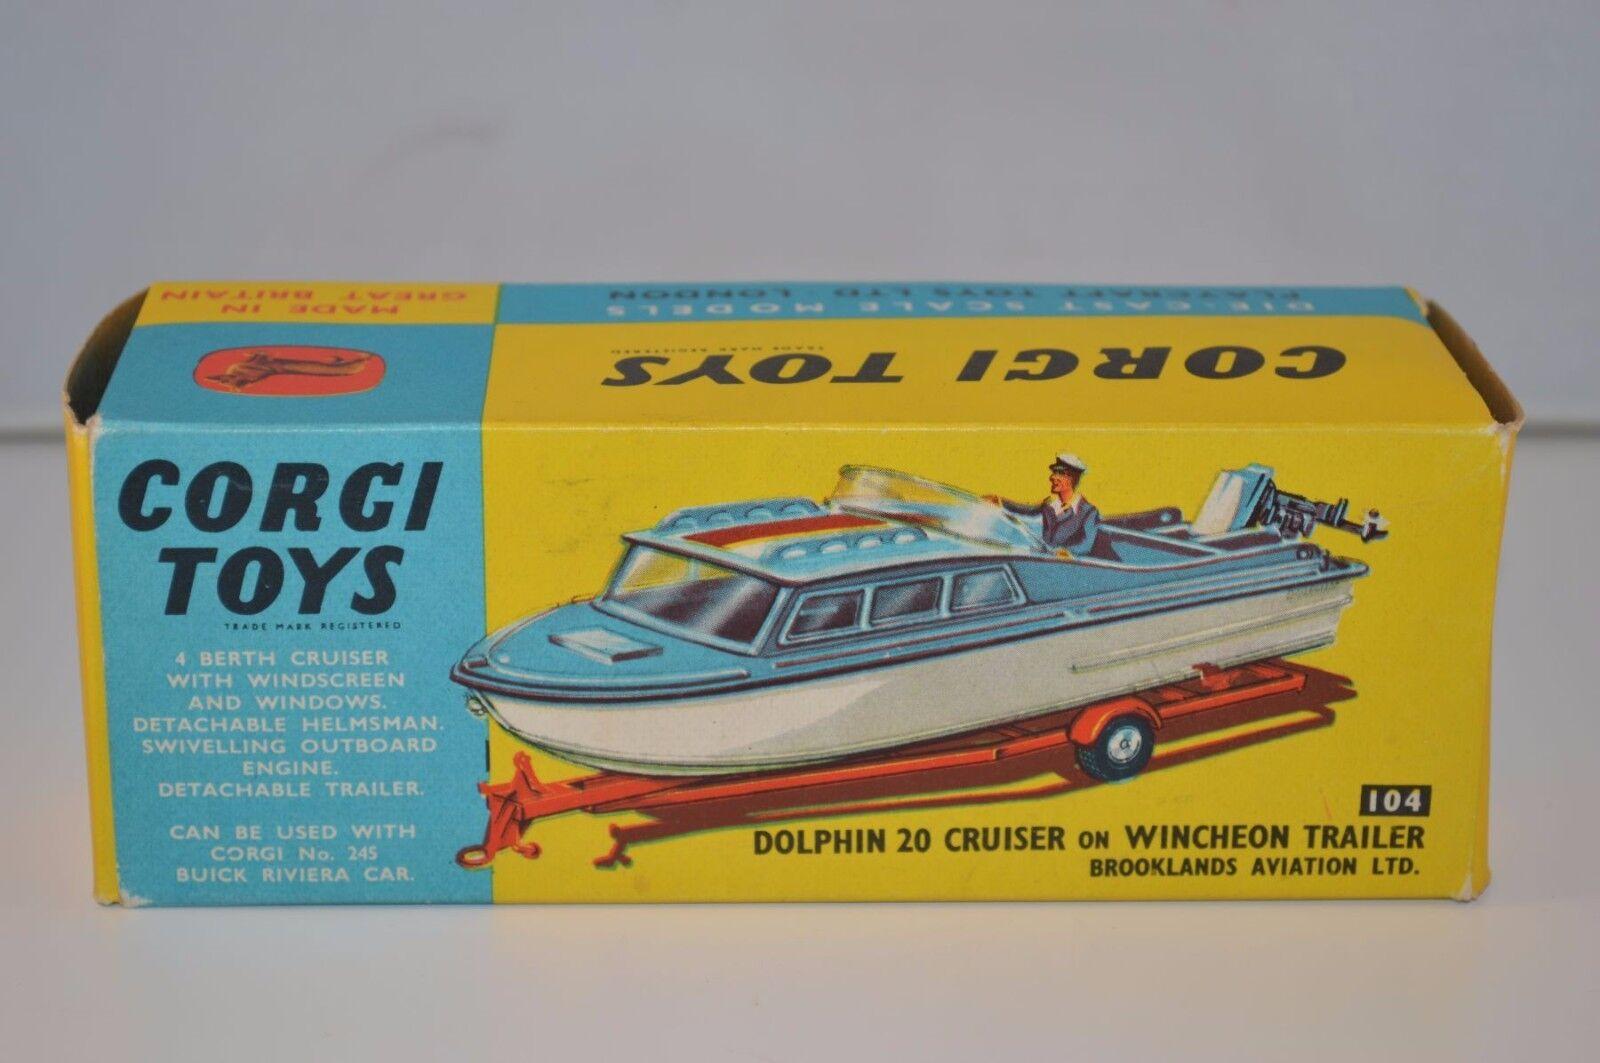 marca Corgi giocattoli 104 Dolphin 20 Cruiser near near near mint empty original scatola  gli ultimi modelli